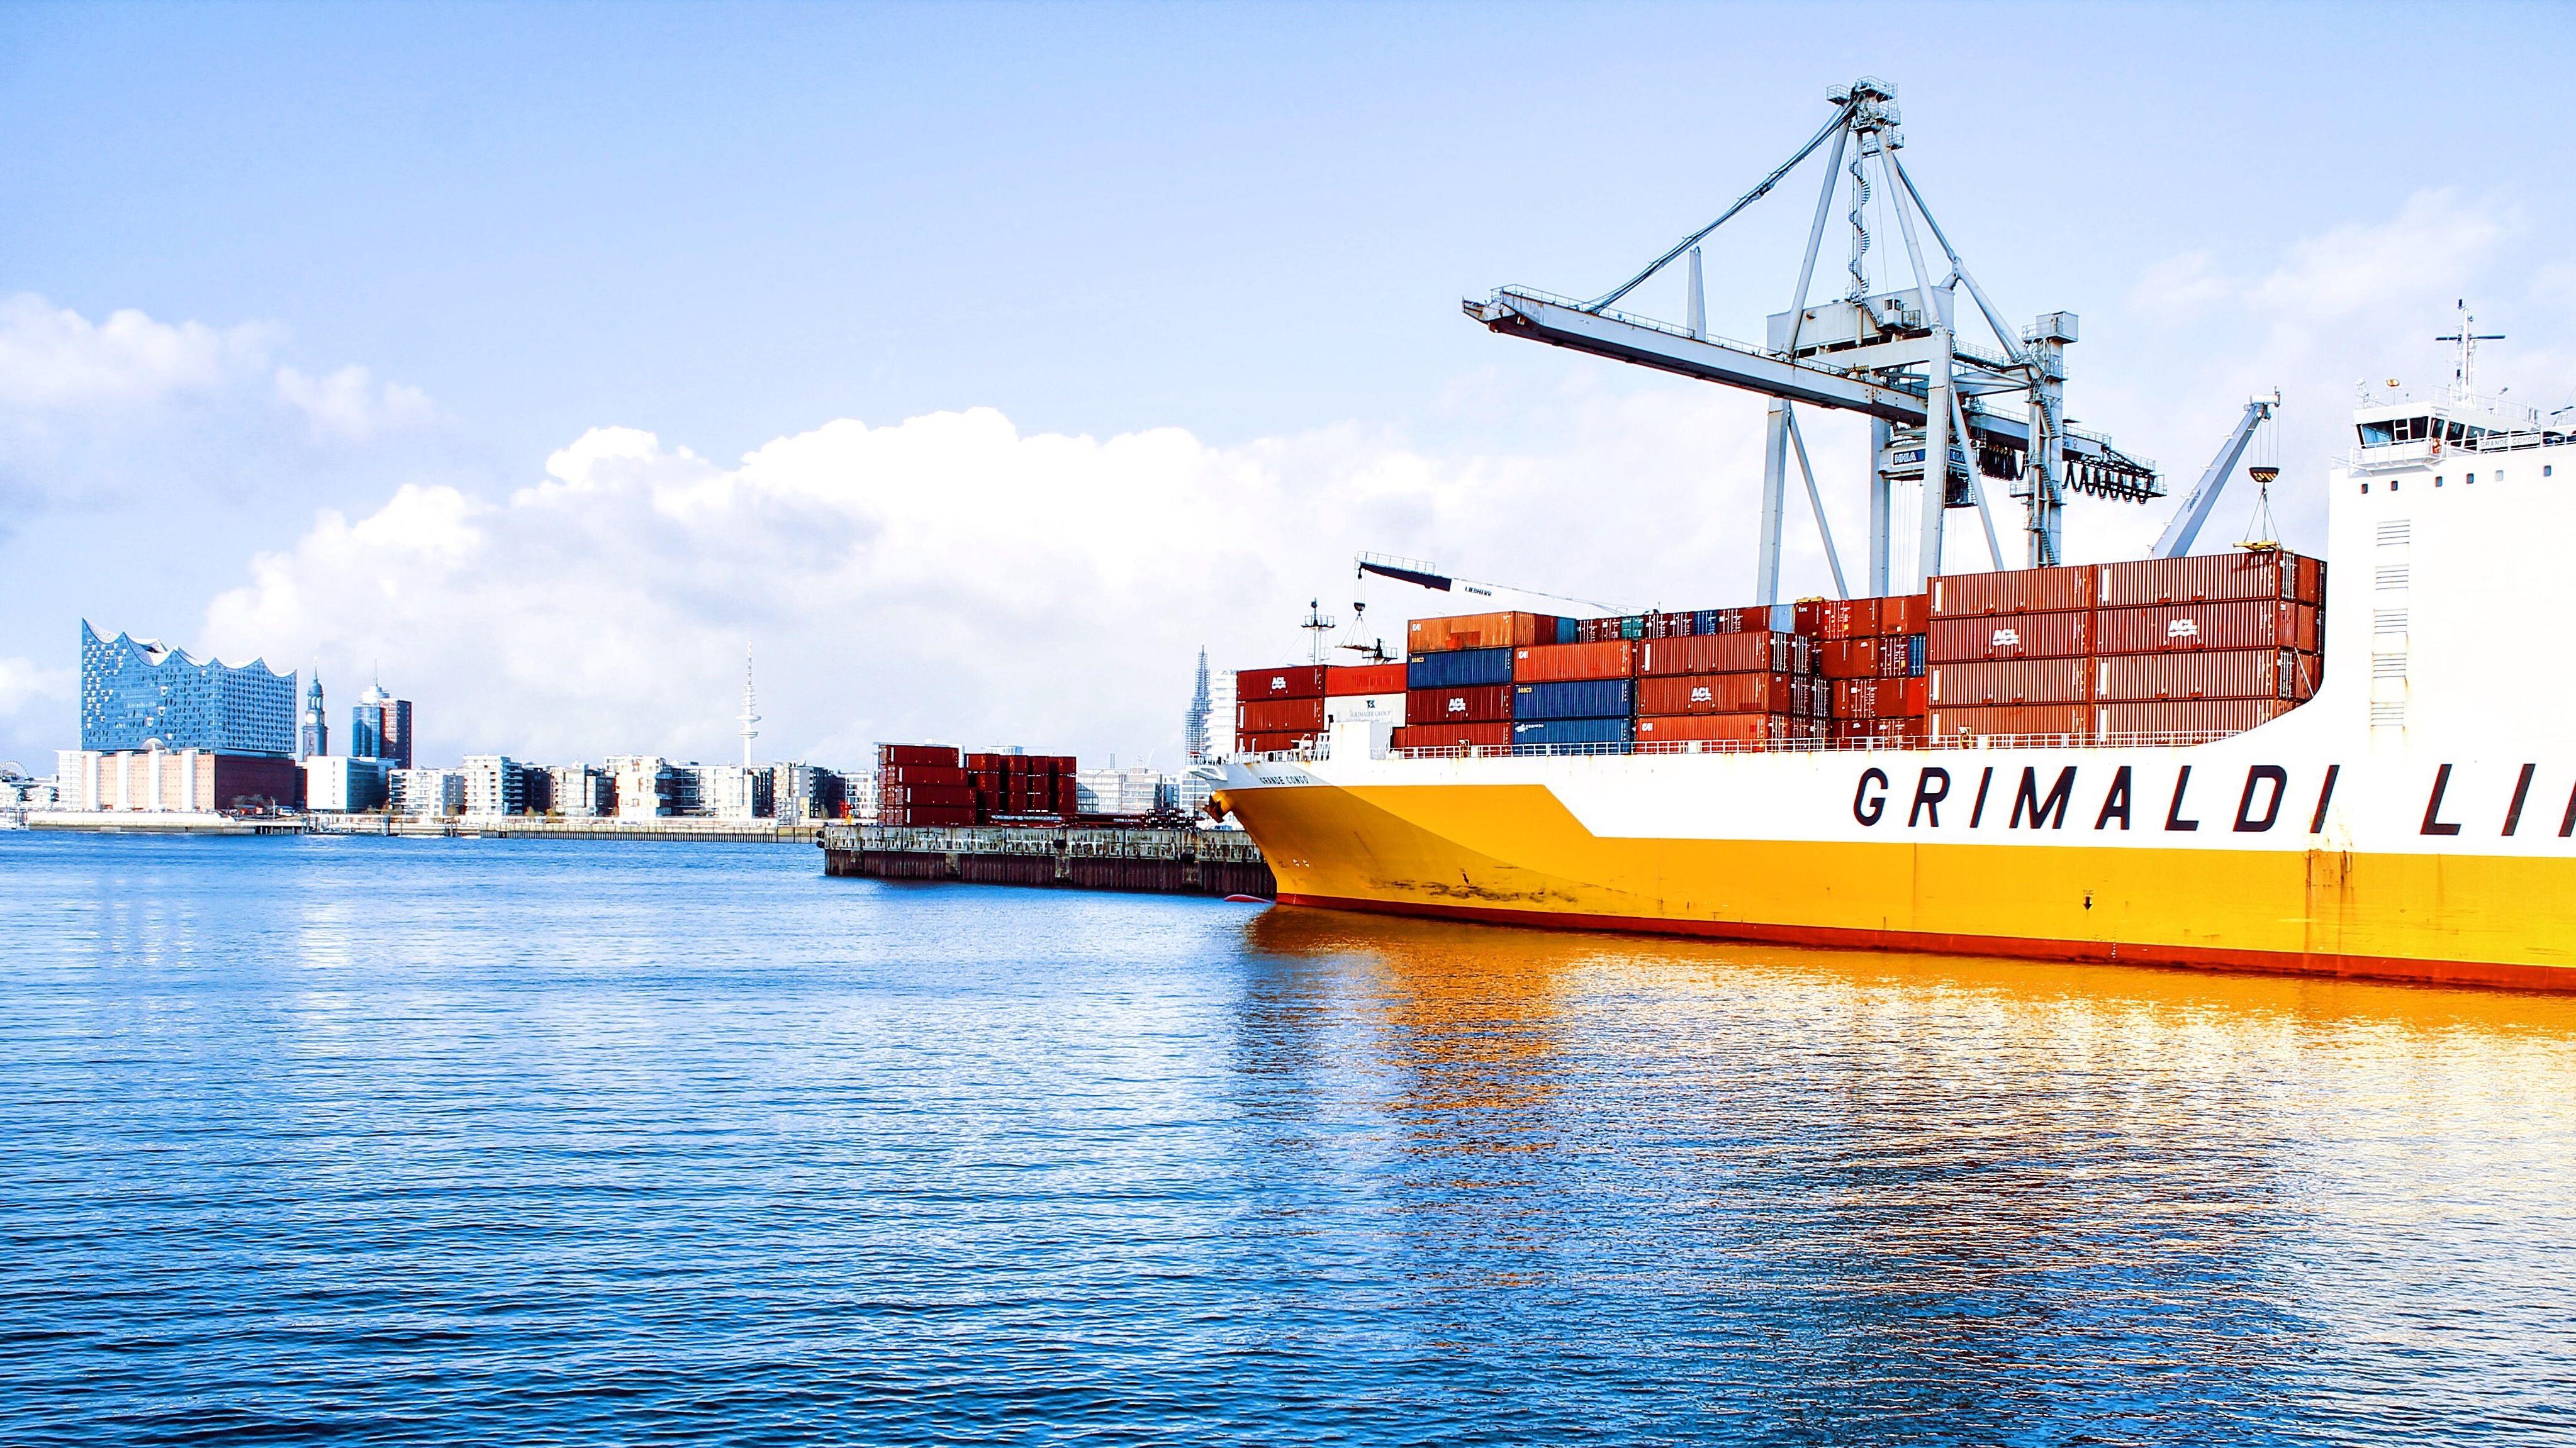 世界の海運大手が注目する「自律貨物船」のビッグウェーブ